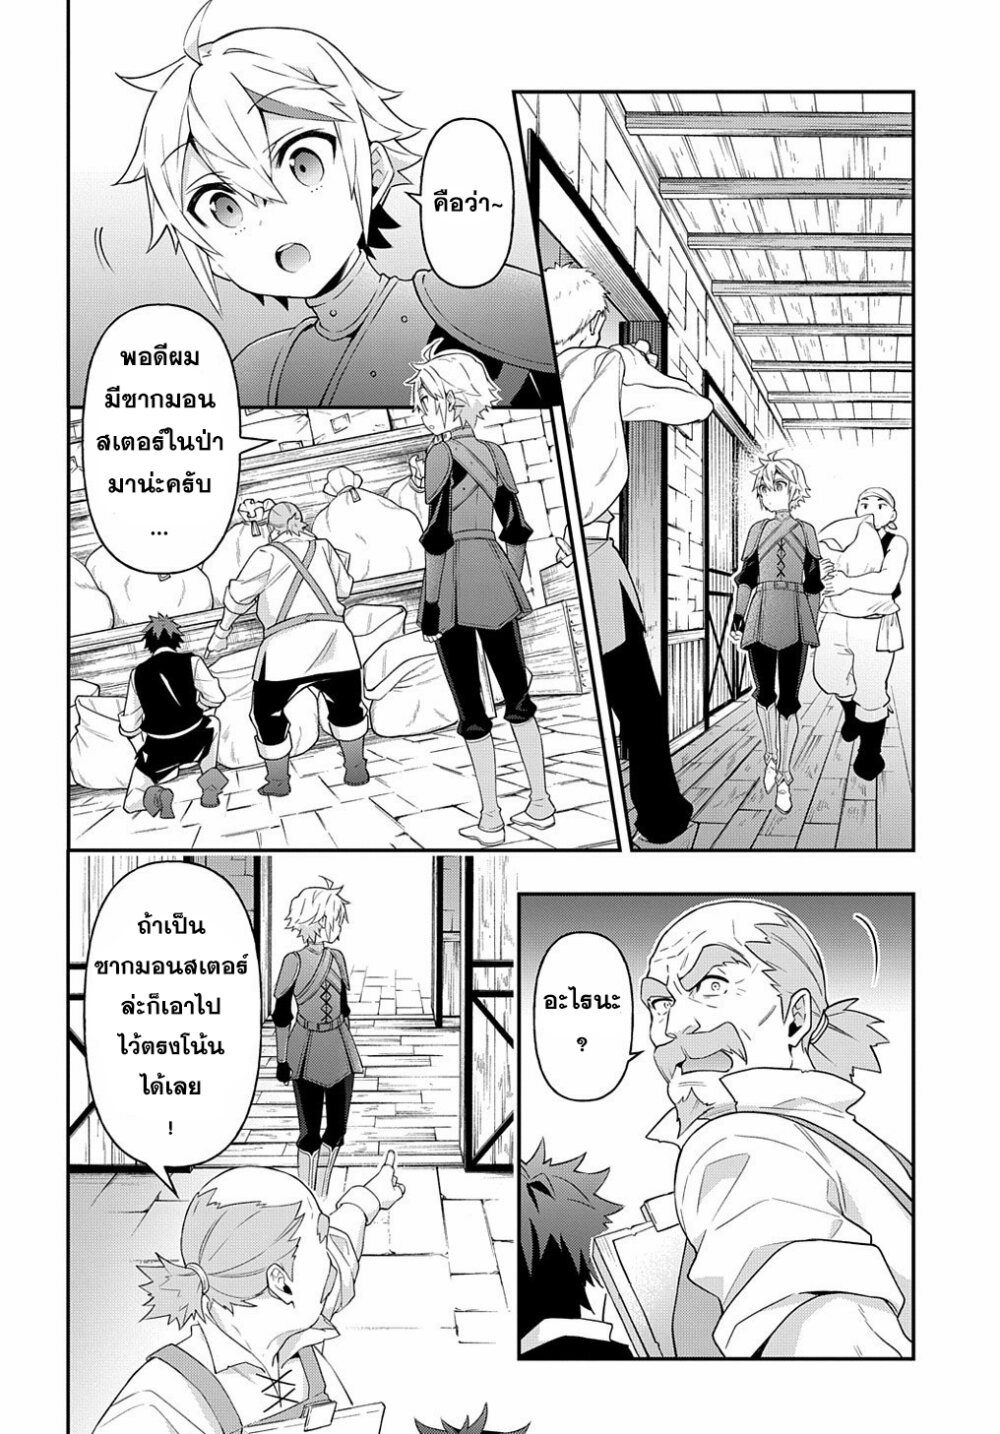 อ่านการ์ตูน Tensei Kizoku no Isekai Boukenroku ~Jichou wo Shiranai Kamigami no Shito~ ตอนที่ 30 หน้าที่ 22